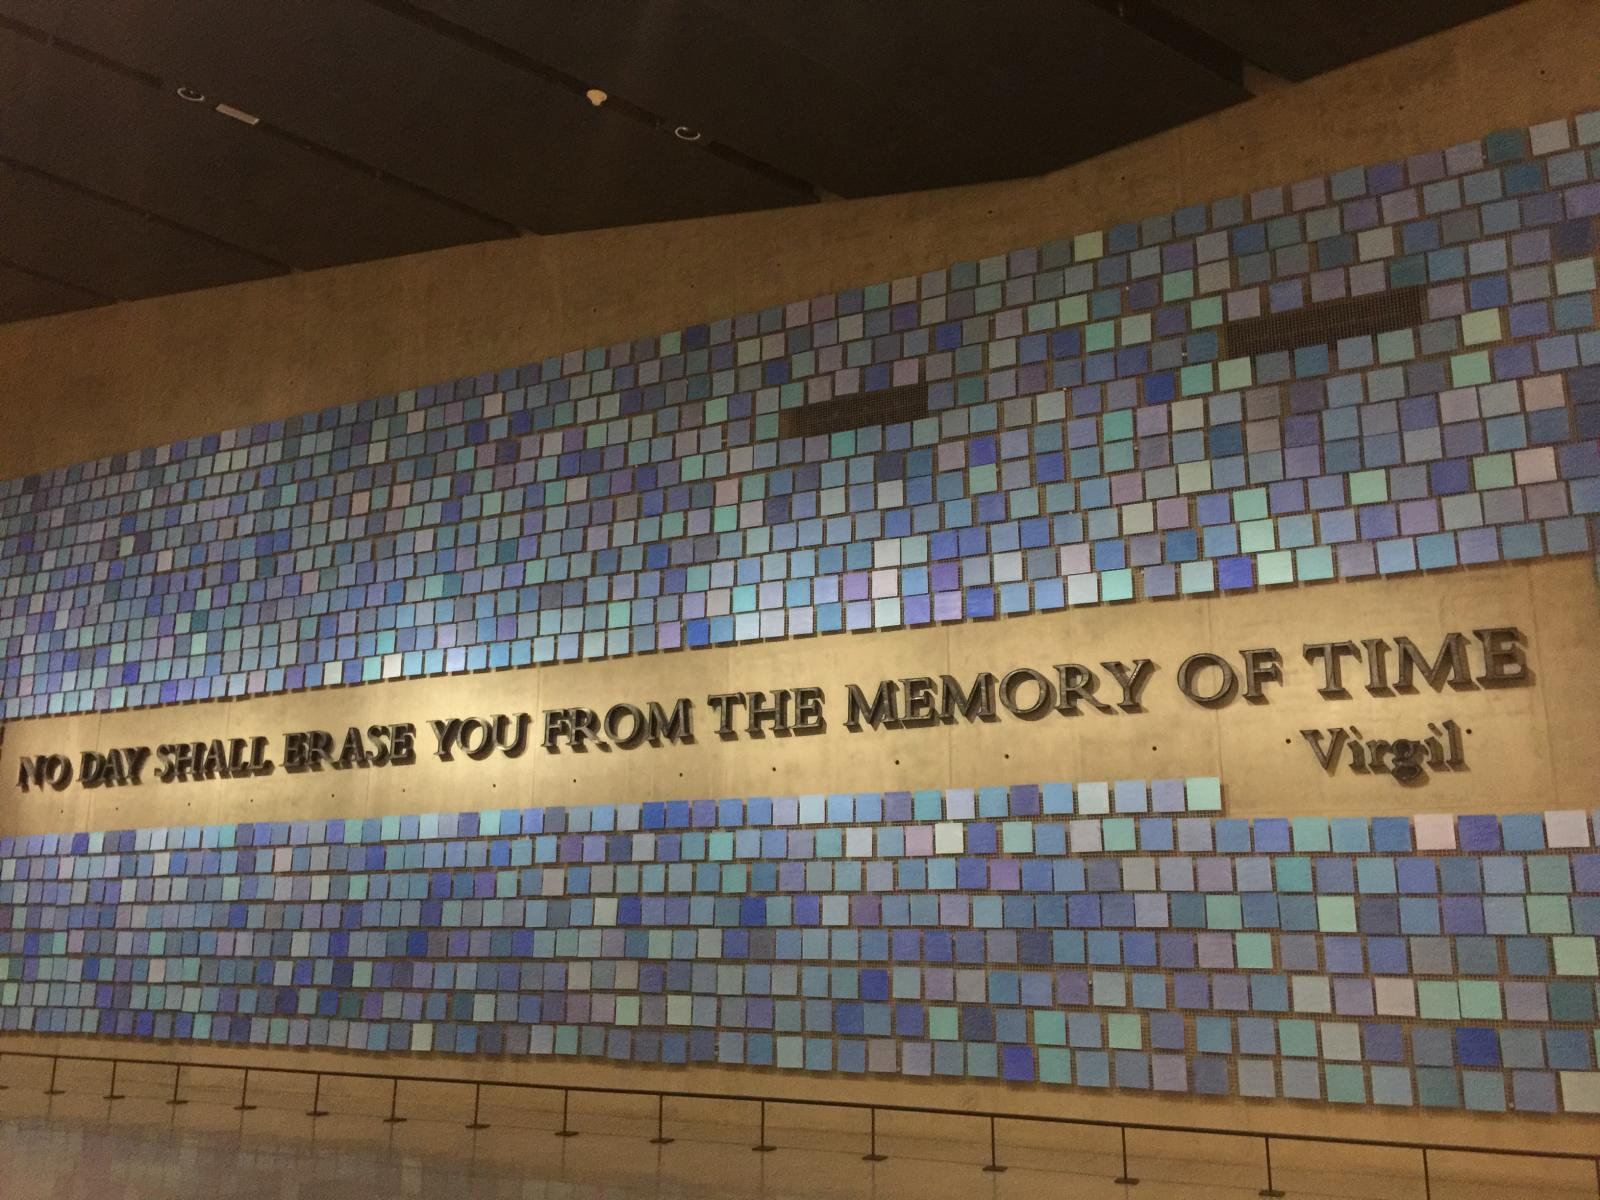 Museo del 11 de septiembre, nueva york